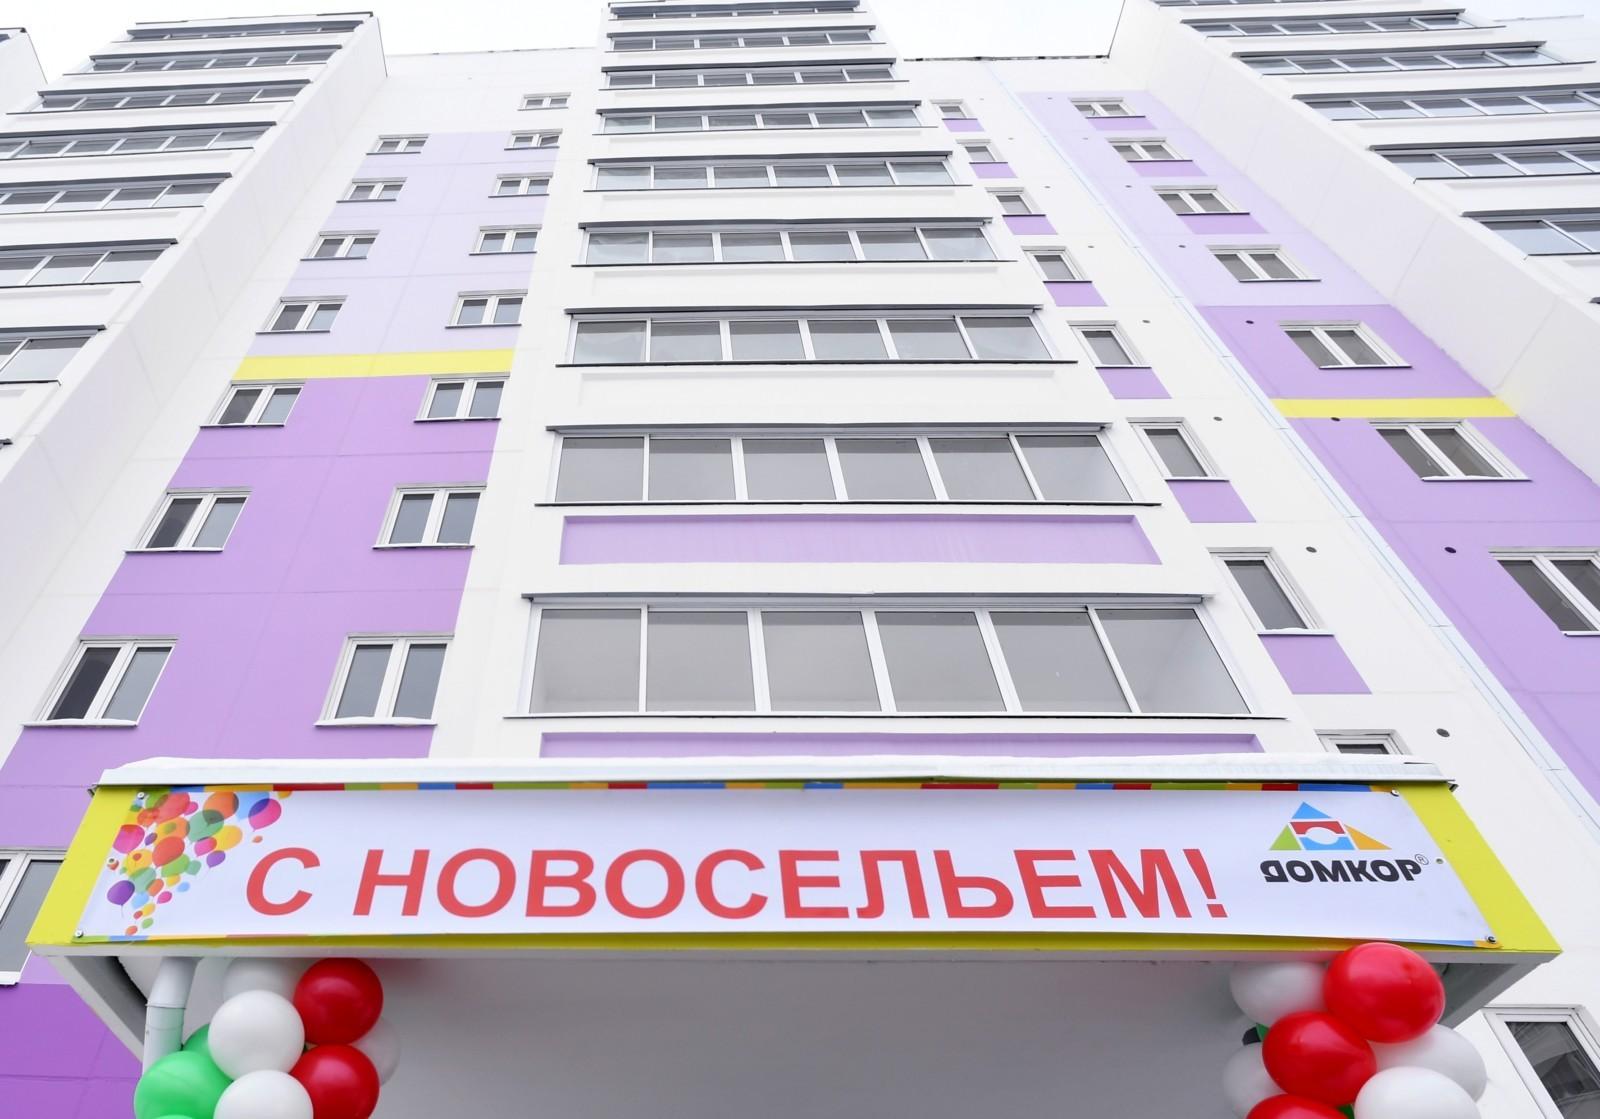 Новый дом, построенный по программе социальной ипотеки в Набережных Челнах. Квартиры в новом доме получили бюджетники, многодетные и молодые семьи и 92 семьи медицинских работников. Максим Богодвид / РИА Новости